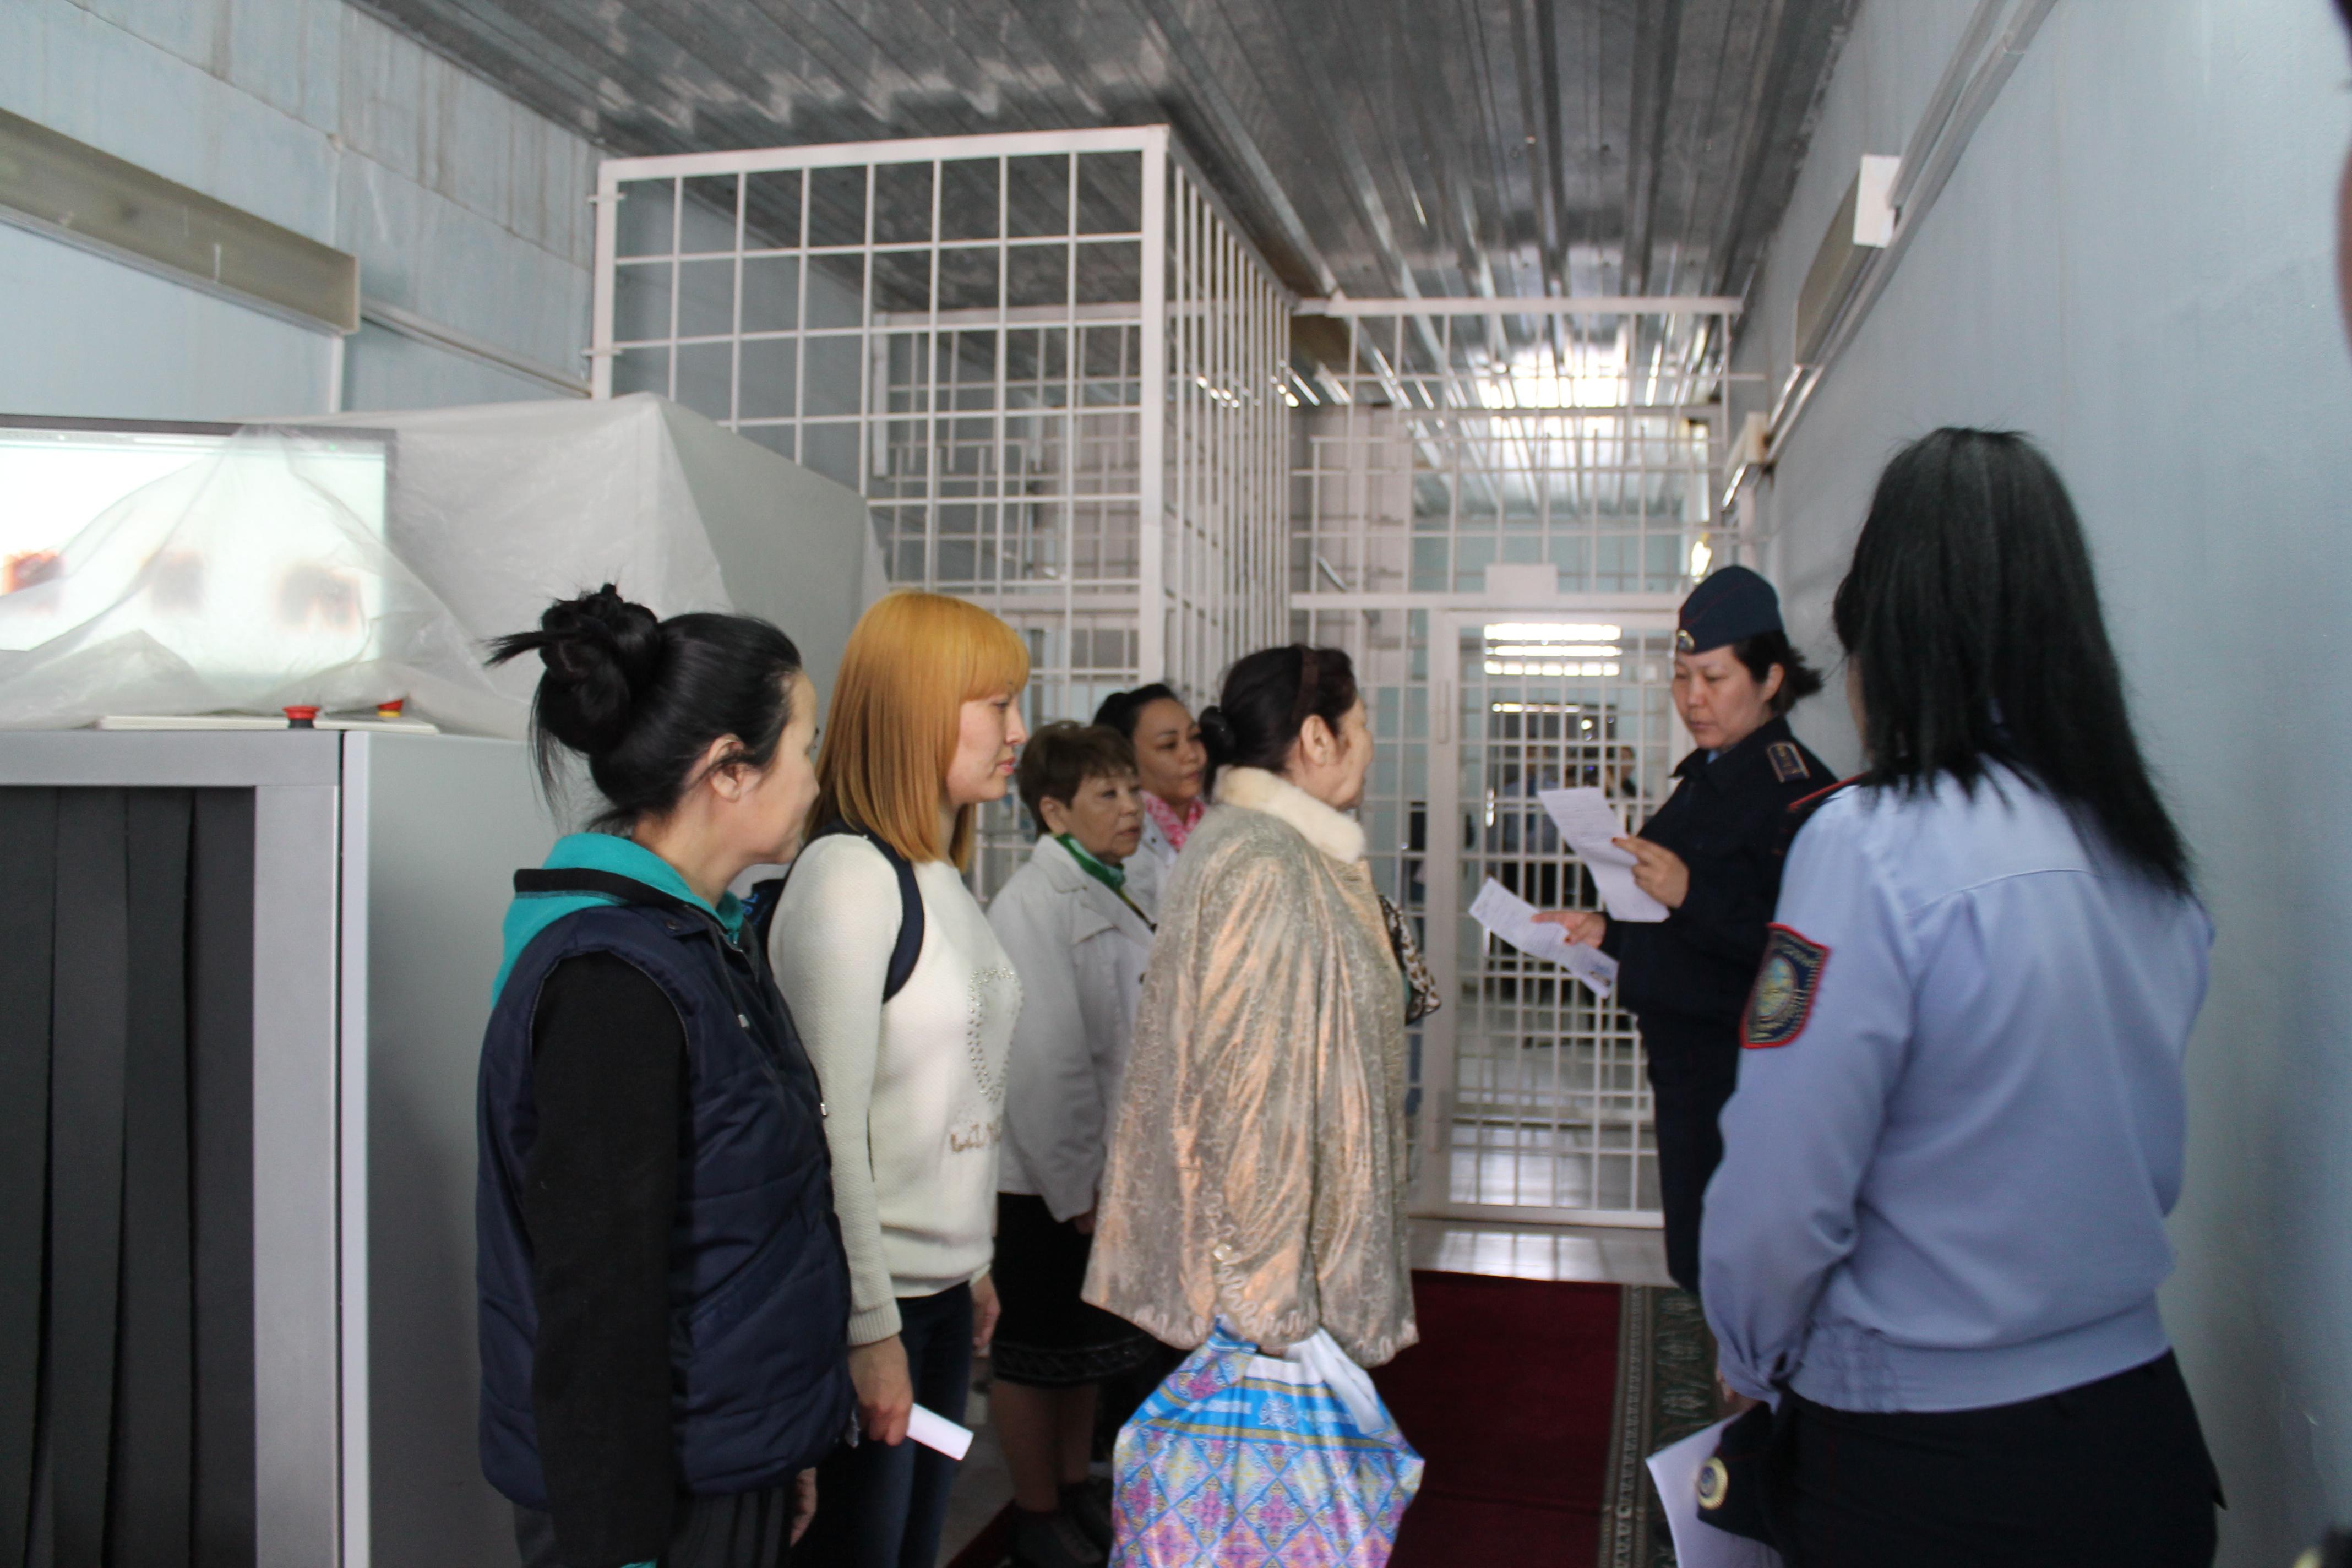 Новости Атырау - В Атырау бывшим заключенным начали помогать адаптироваться в обществе IMG_6975[2]